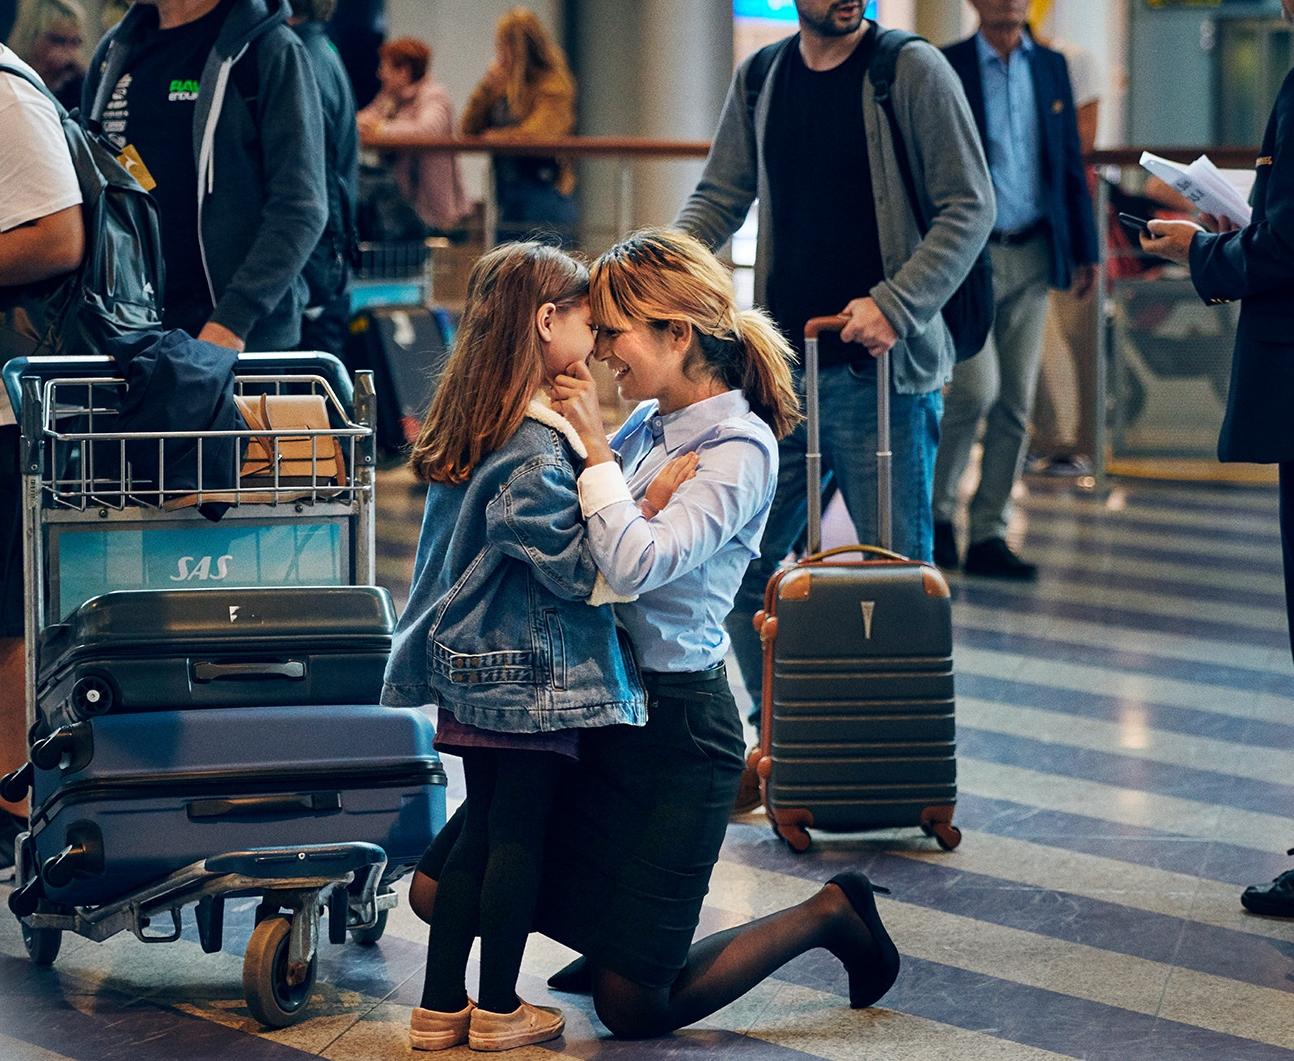 """Gensynsglæde i ankomsthallen i Københavns Lufthavn under optagelserne til SAS-kampagnen """"Arrivals,"""" der nu har vundet tre marketingpriser. Foto: Peter Funch for SAS."""